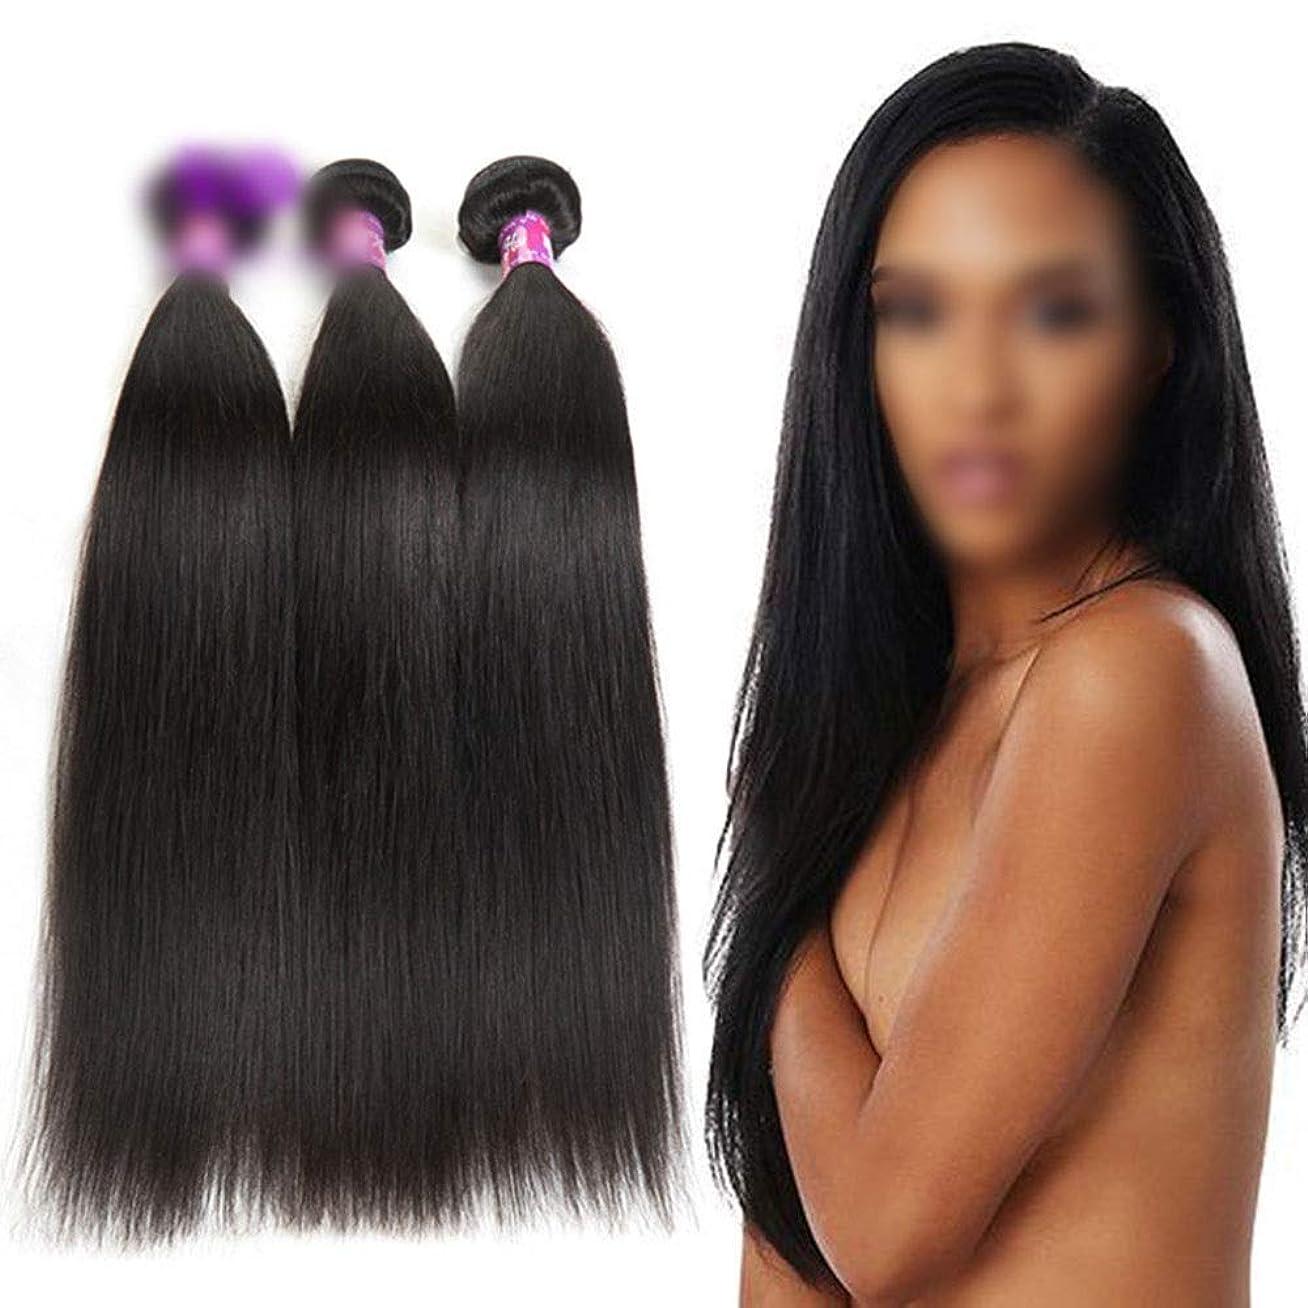 透明にシルエット肌寒いBOBIDYEE ブラジルのストレート人間の髪の毛の束シルキーストレートバージン人間の髪織りエクステンションナチュラルブラック女性複合かつらレースかつらロールプレイングかつら (色 : 黒, サイズ : 18 inch)